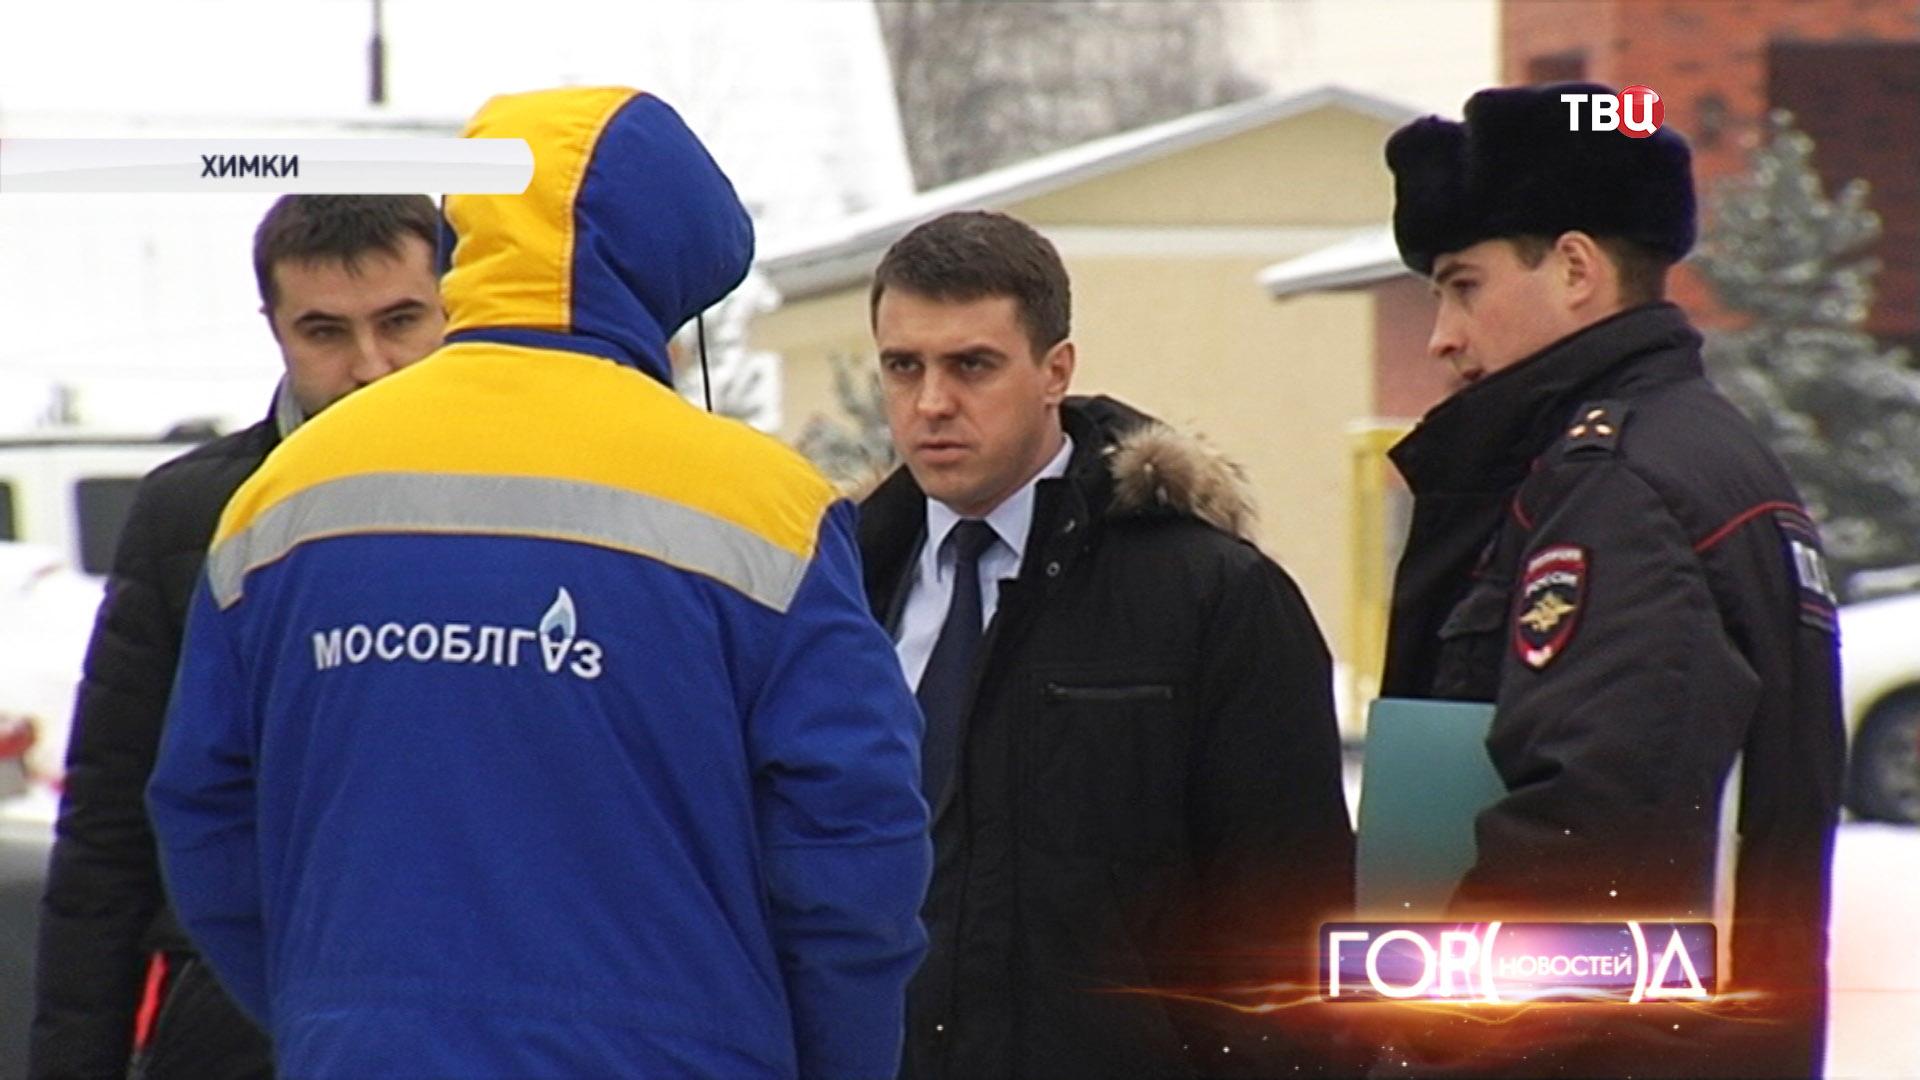 """Сотрудники полиции и """"Мособлгаза"""" на месте происшествия"""